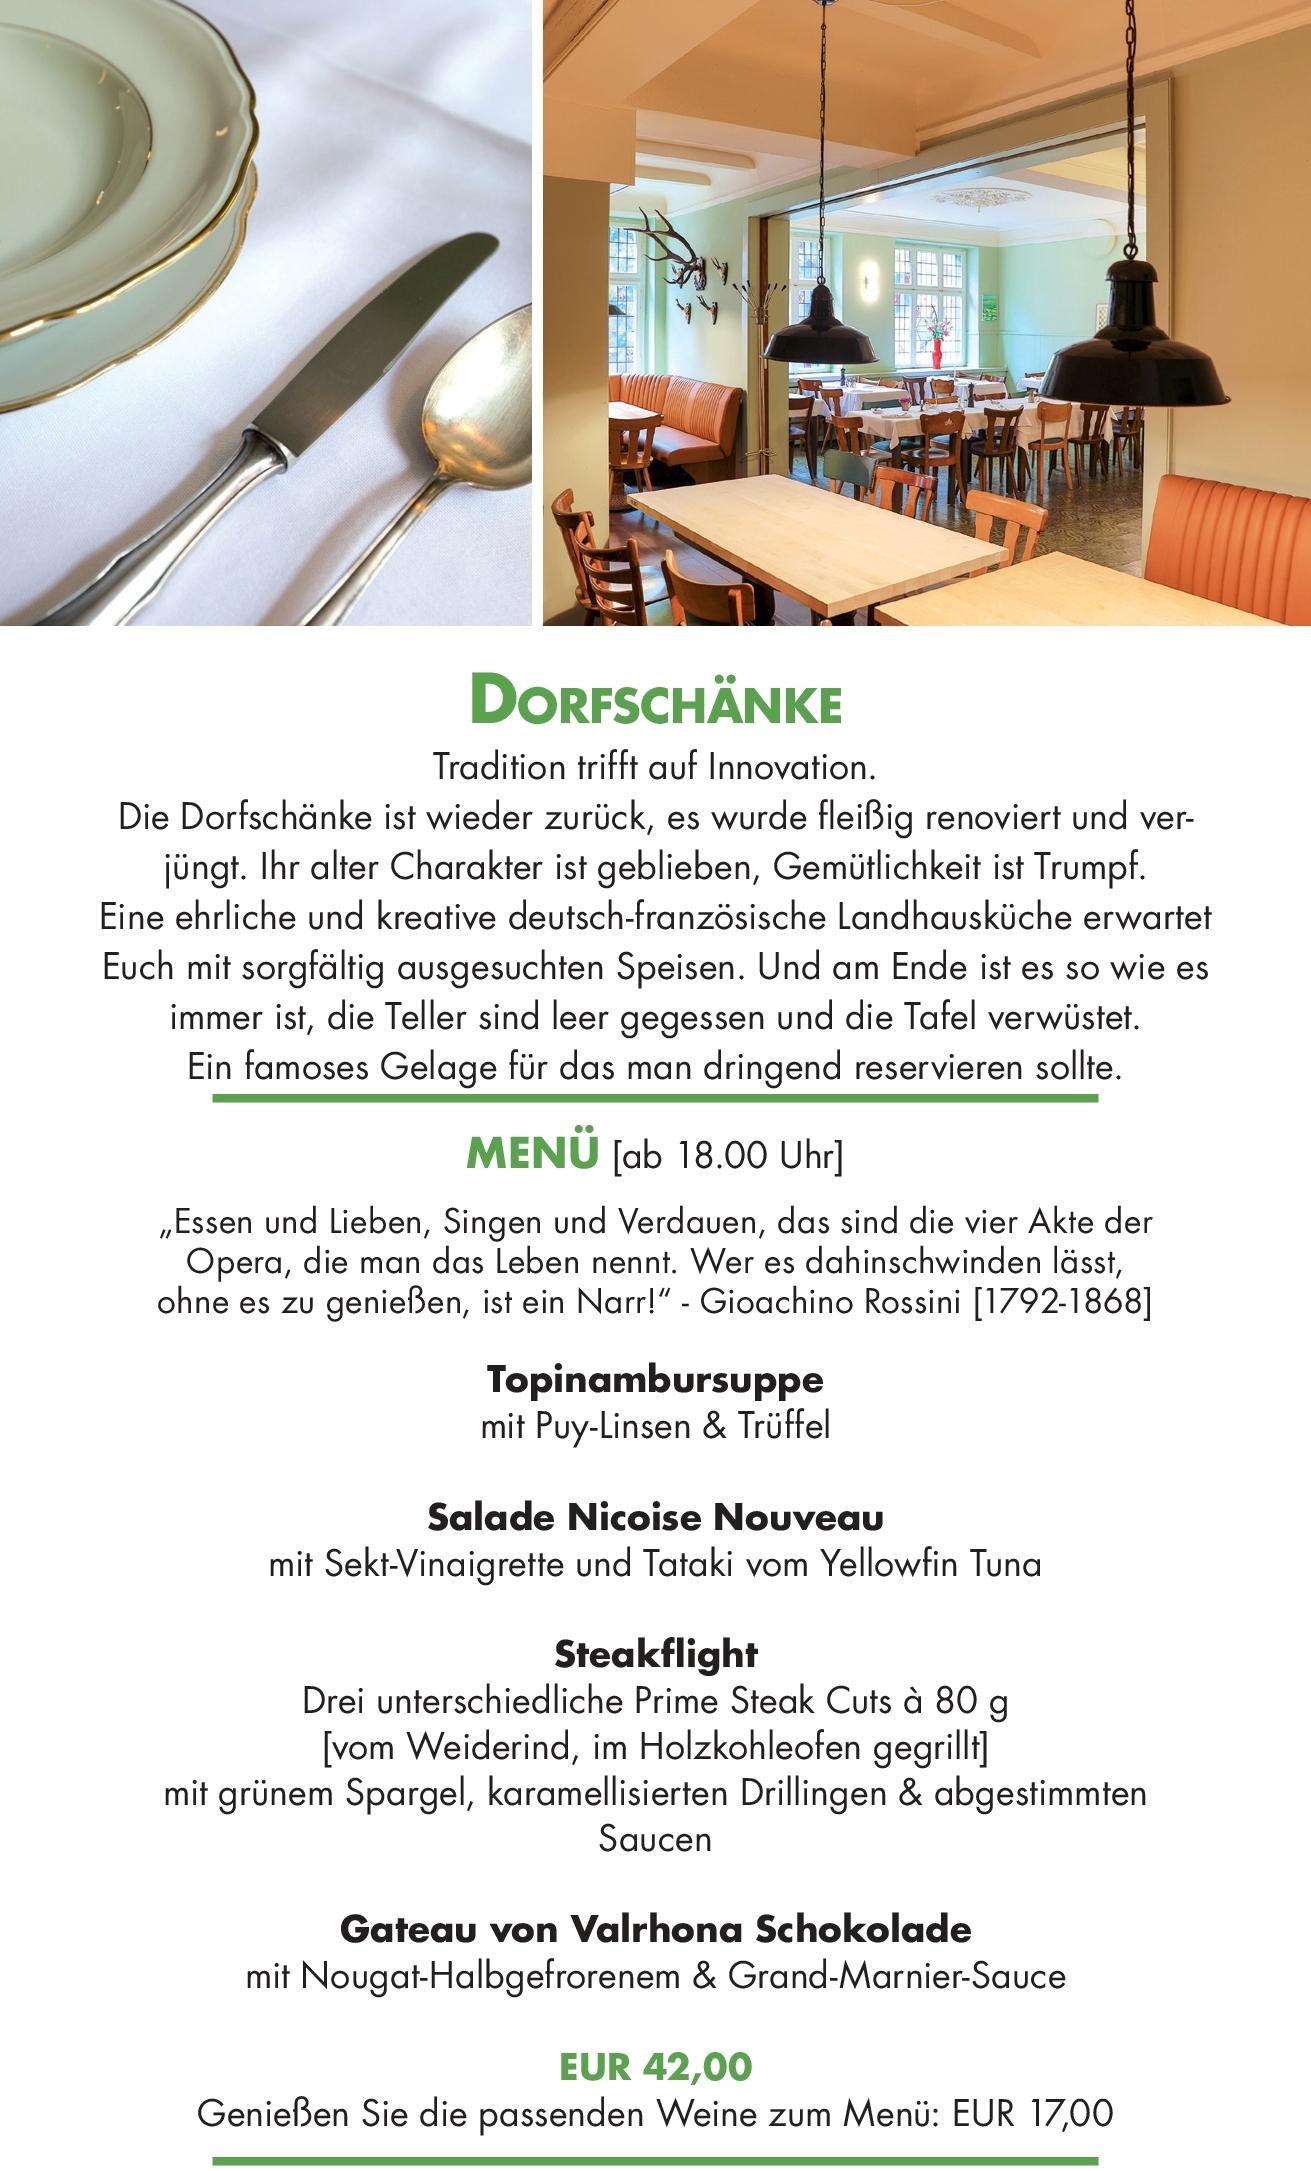 Dorfschänke – tour de menu